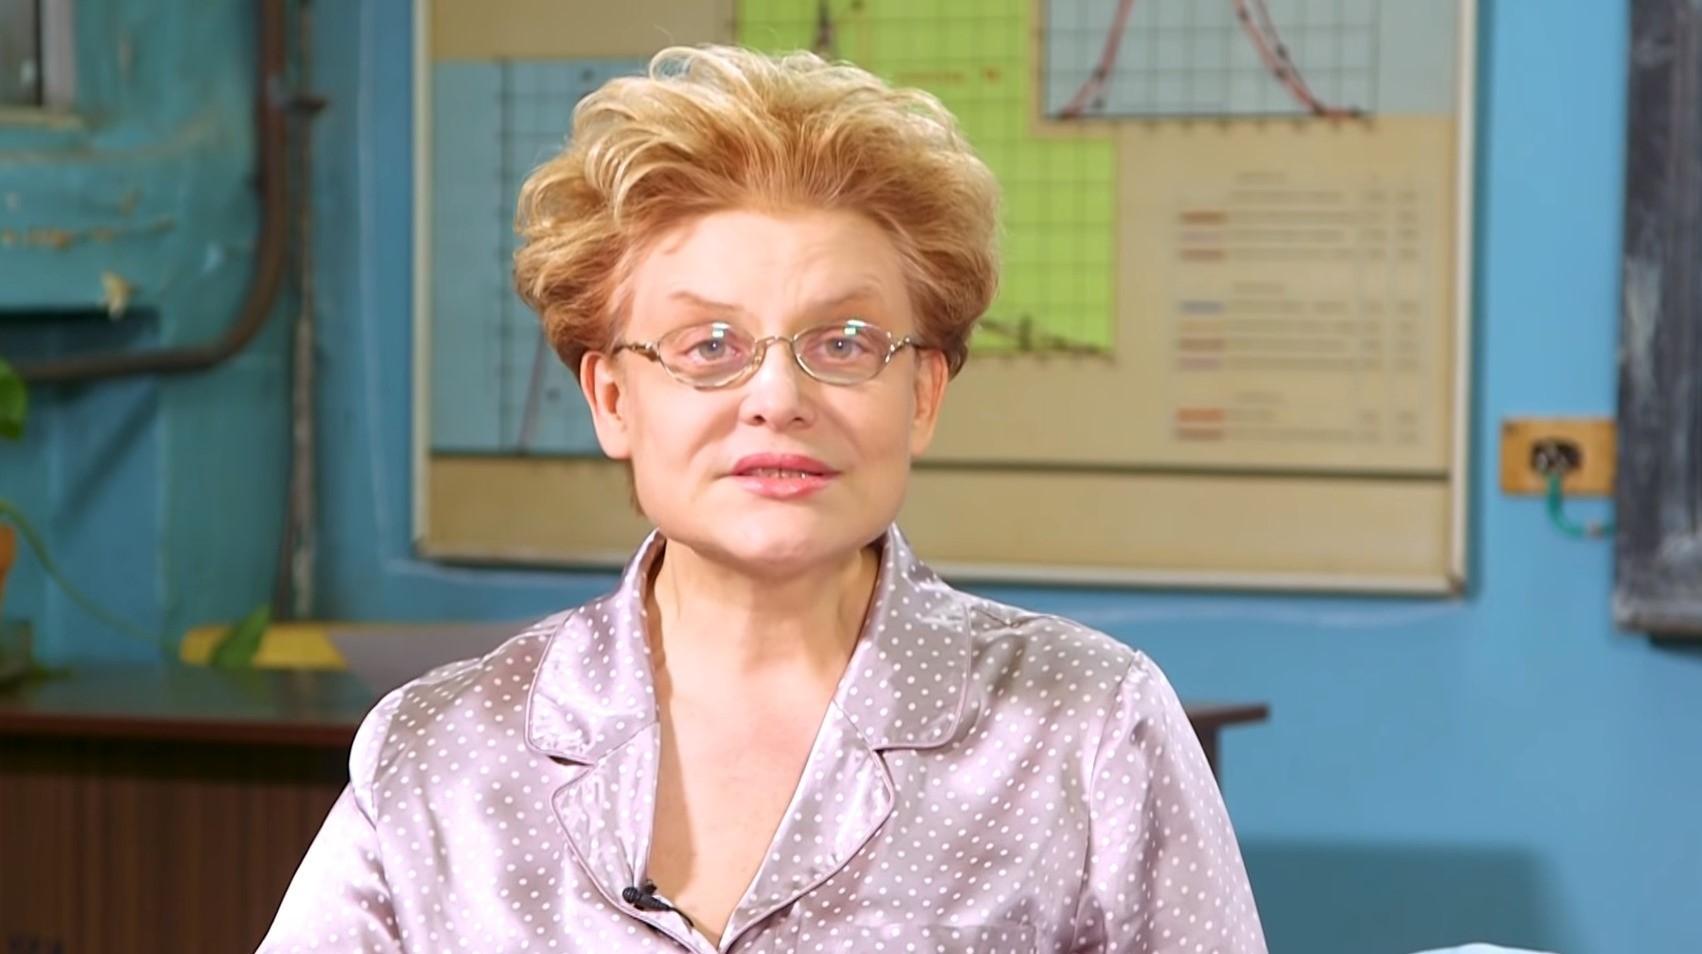 Секрет молодости раскрыт: Елена Малышева уже 20 лет прибегает к уколам красоты